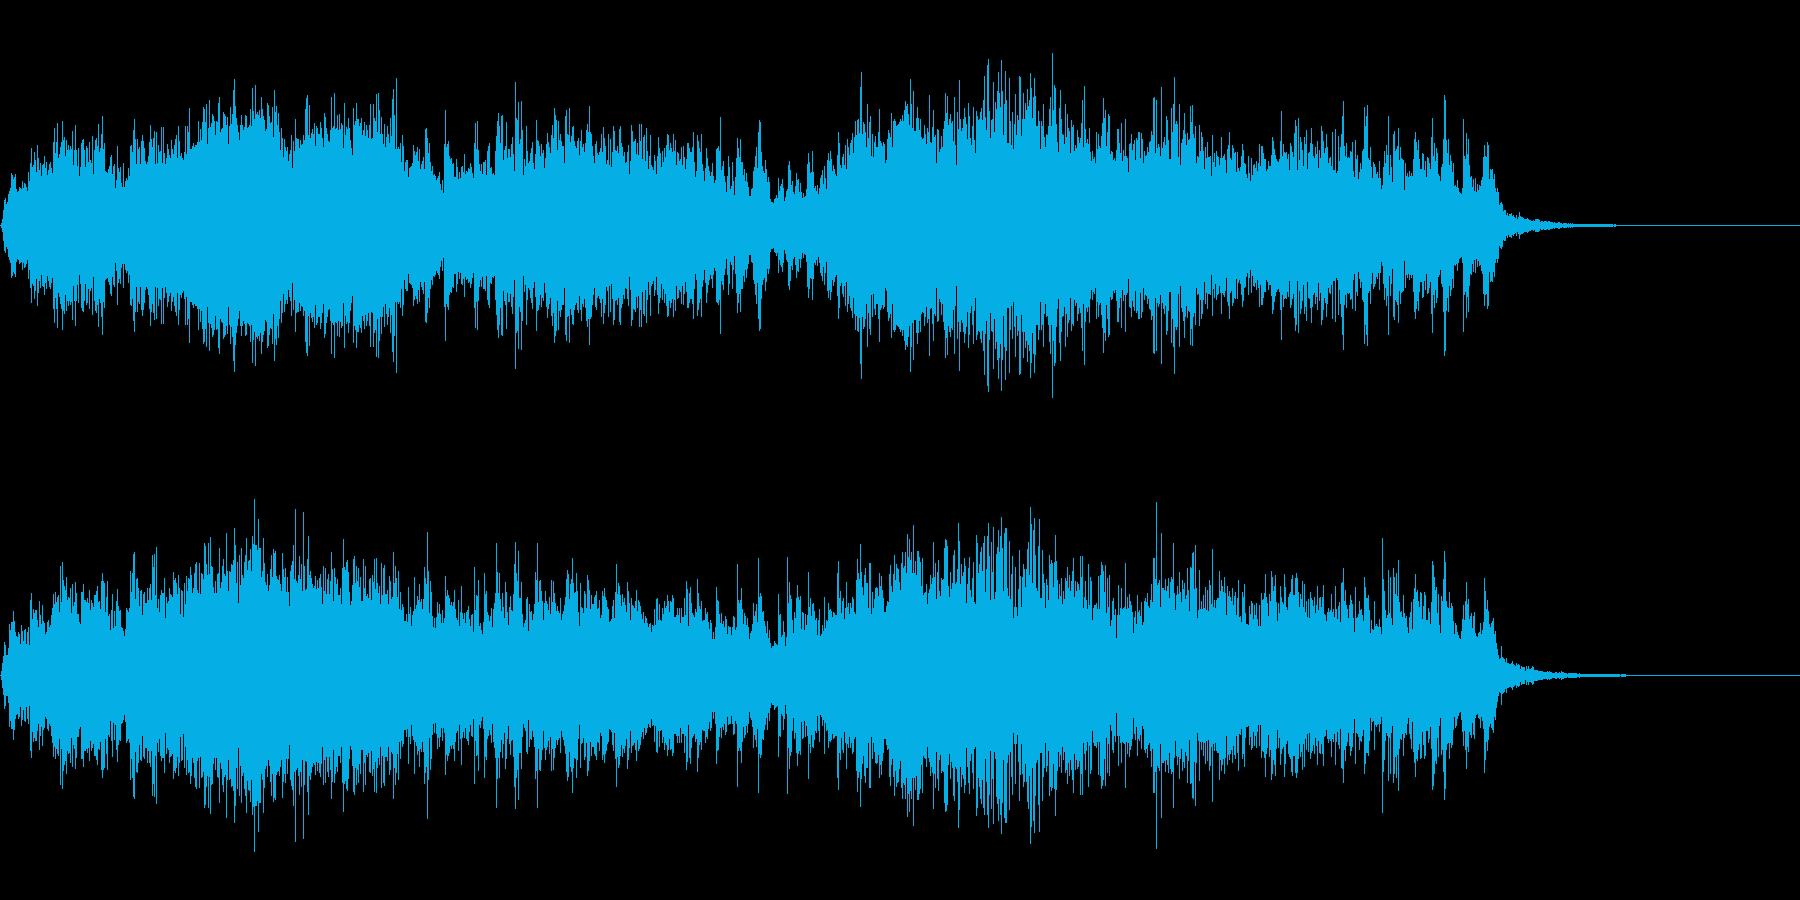 SF的エスニック風アイキャッチ 2の再生済みの波形